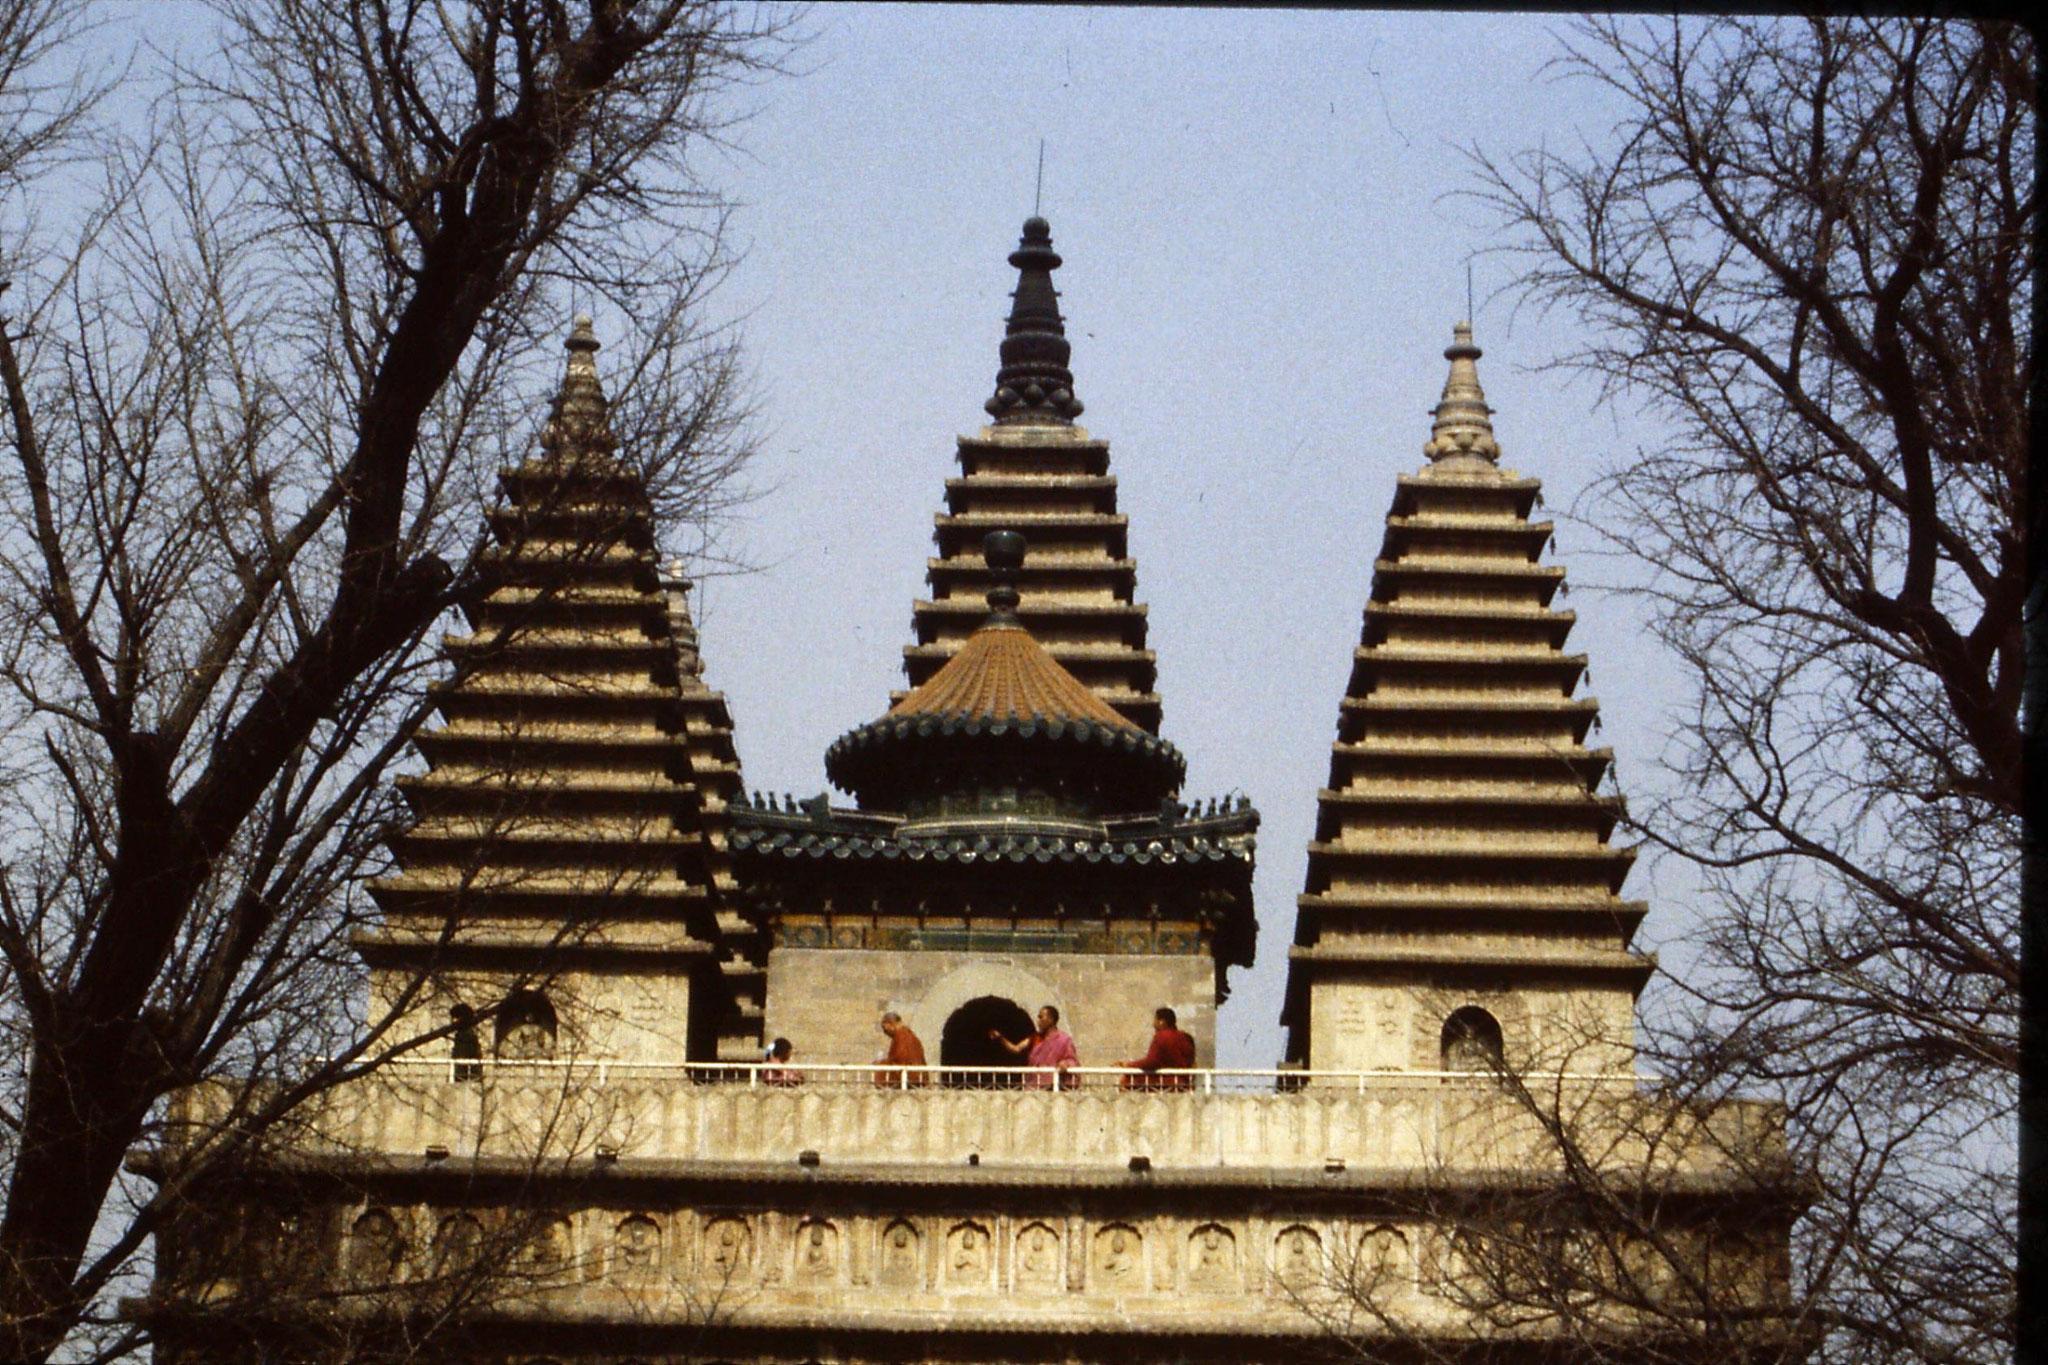 12/3/1989: 8: Beijing Wutasi temple